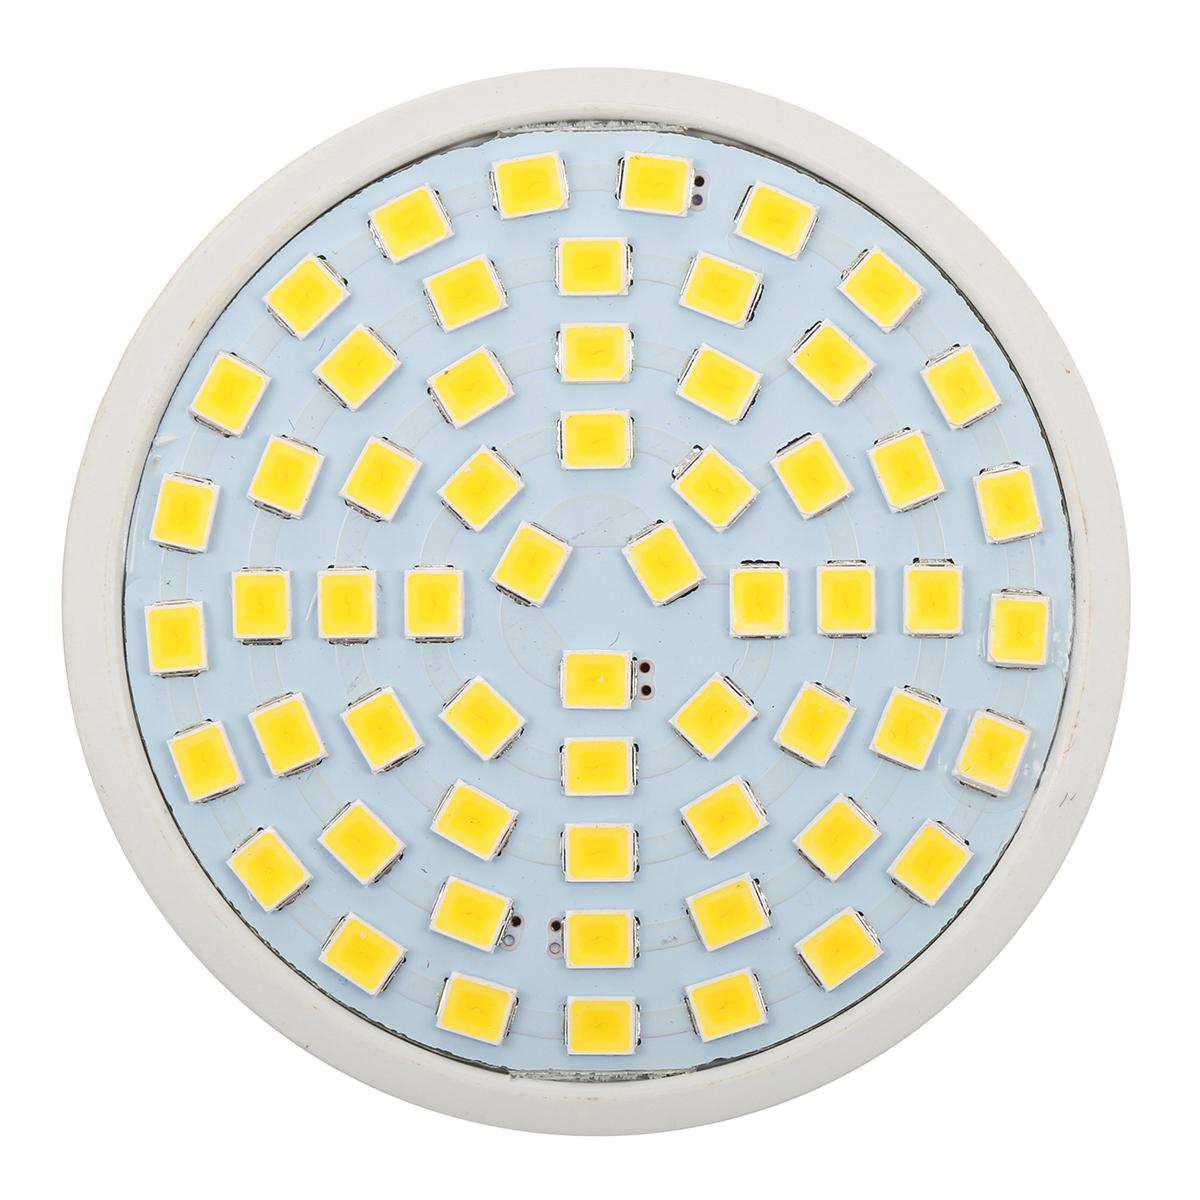 ARILUX® E27 E14 B22 GU10 MR16 3W 250LM SMD2835 60LEDs Spotlight Bulb Pure White Warm White AC220V